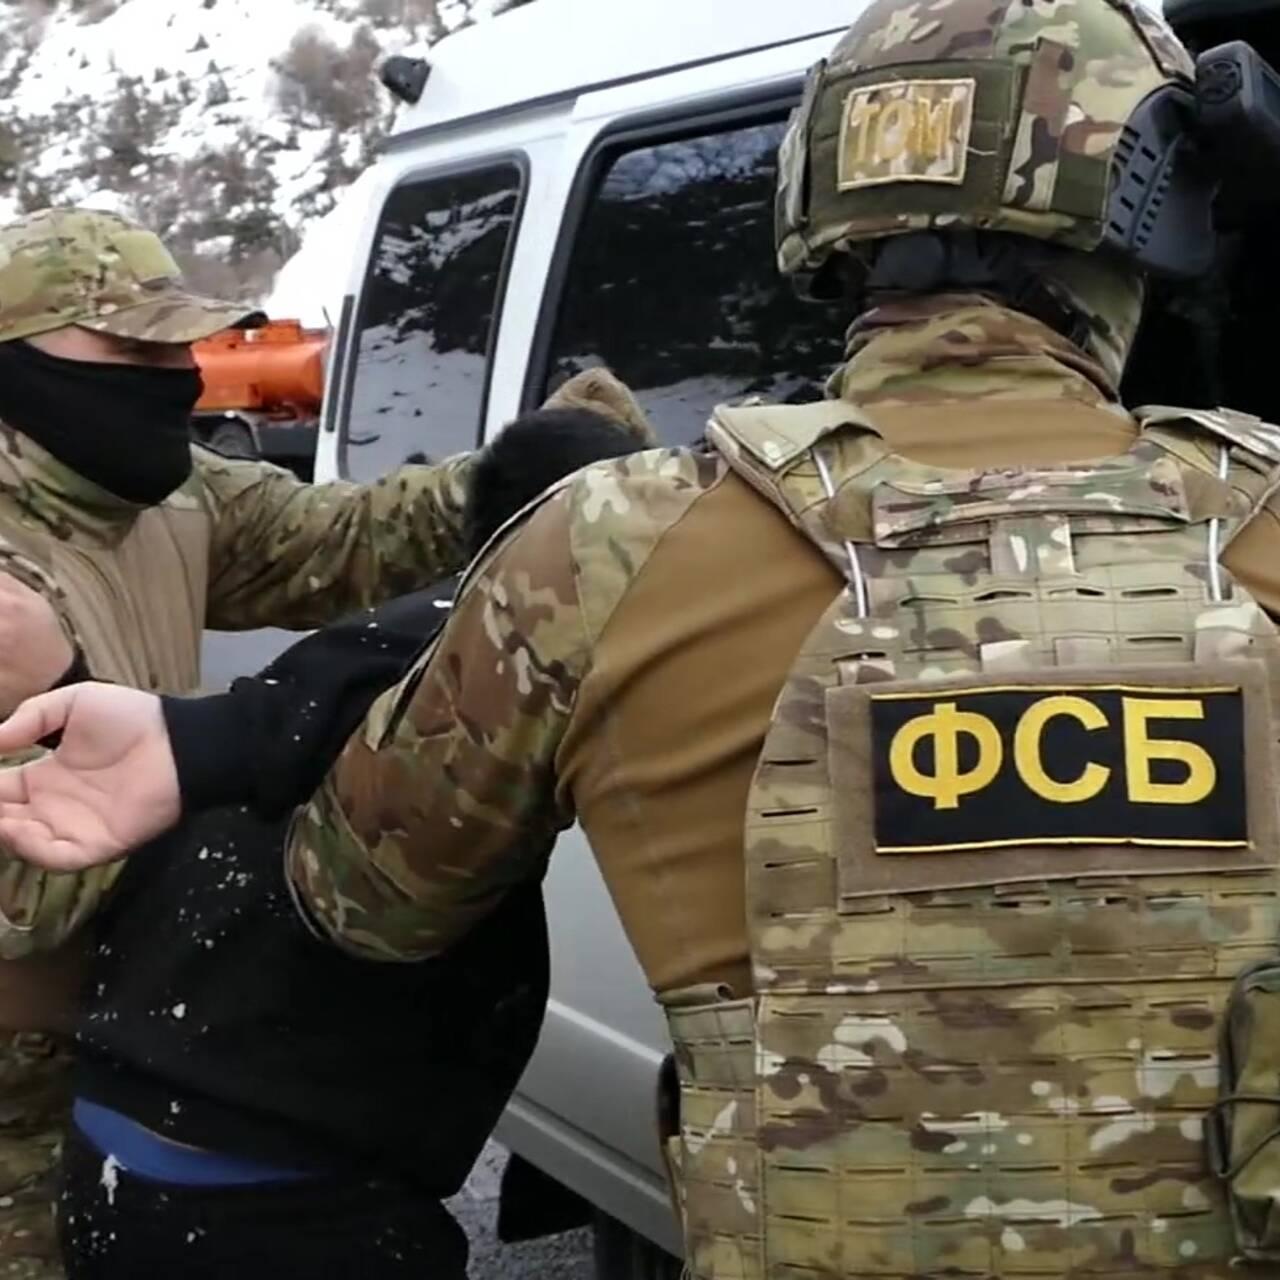 ФСБ задержала радикалов сразу в 9 города России